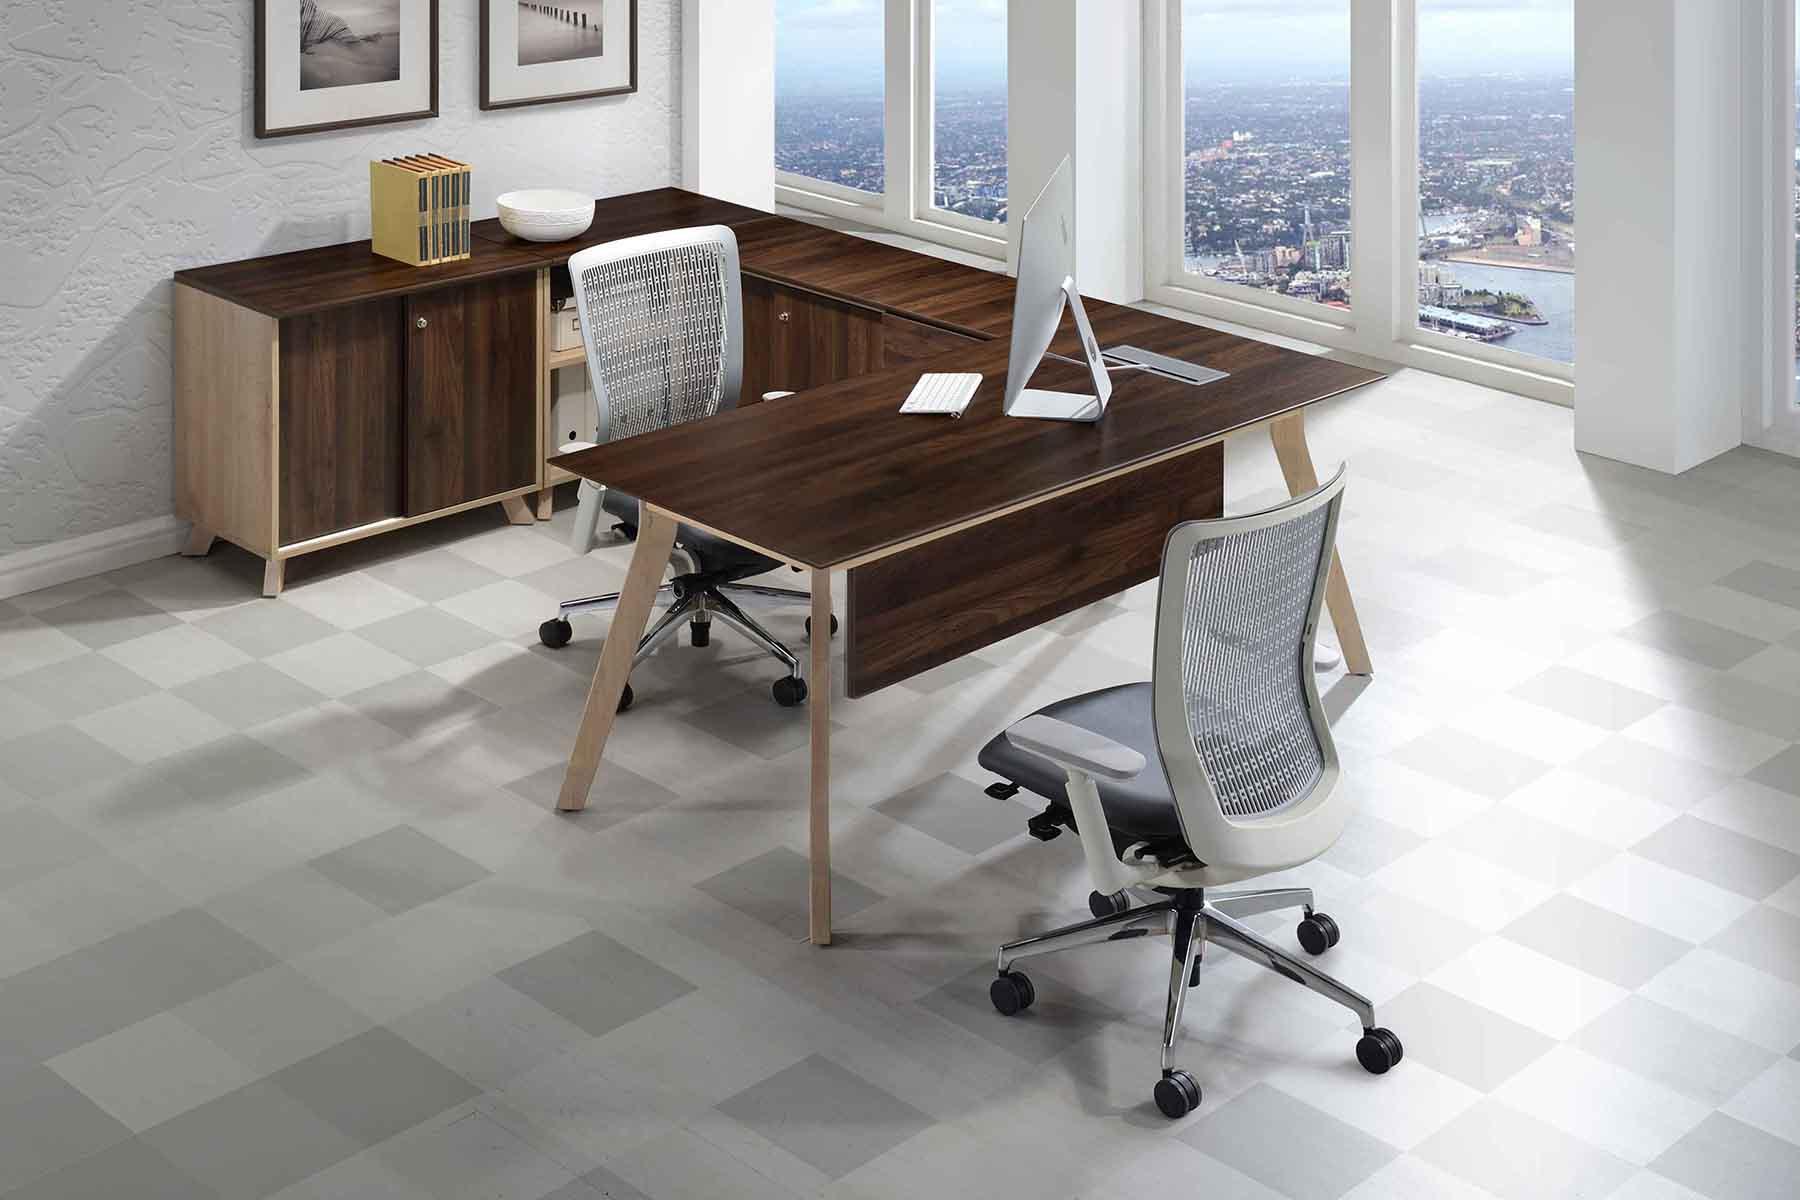 sản phẩm nội thất văn phòng hiện đại